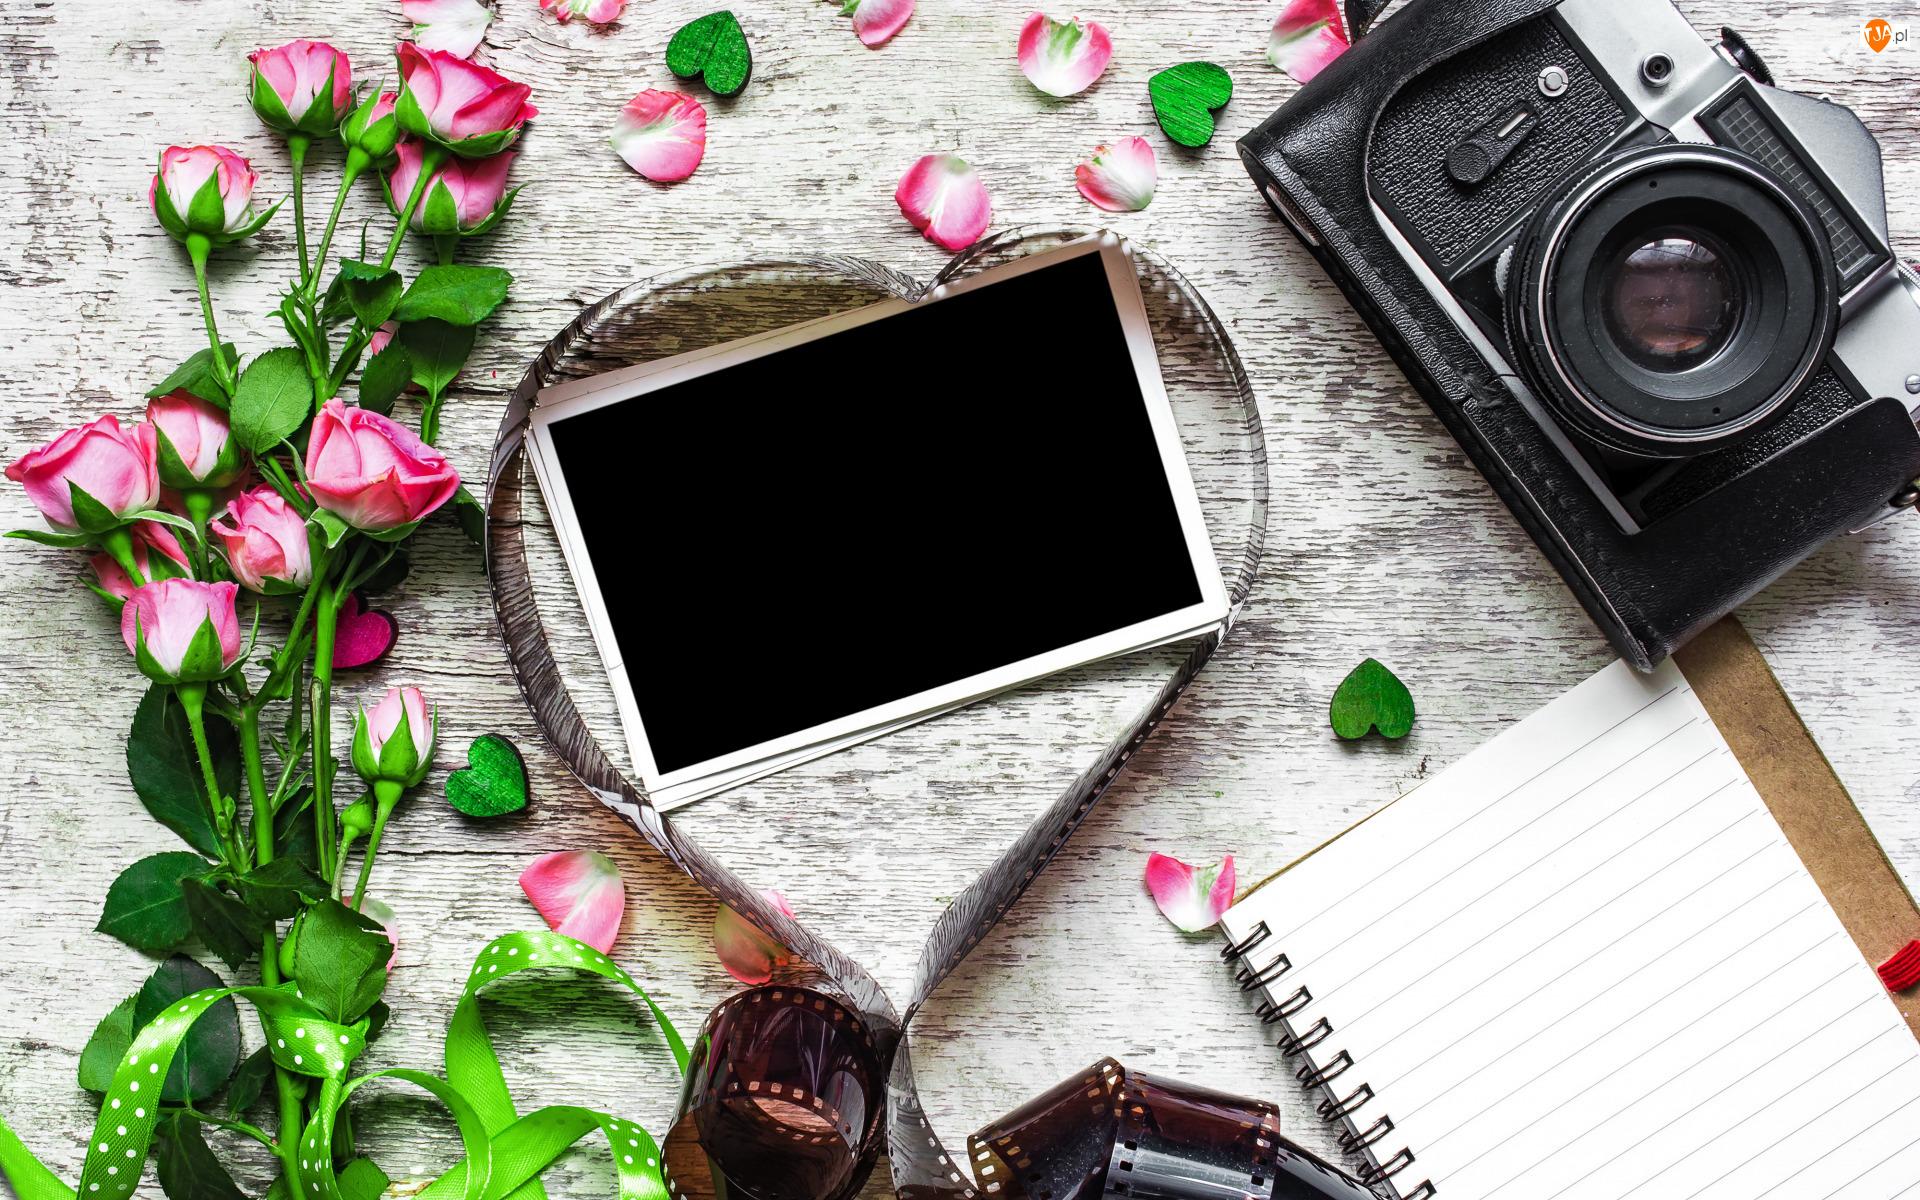 Róże, Notes, Zdjęcie, Kwiaty, Aparat fotograficzny